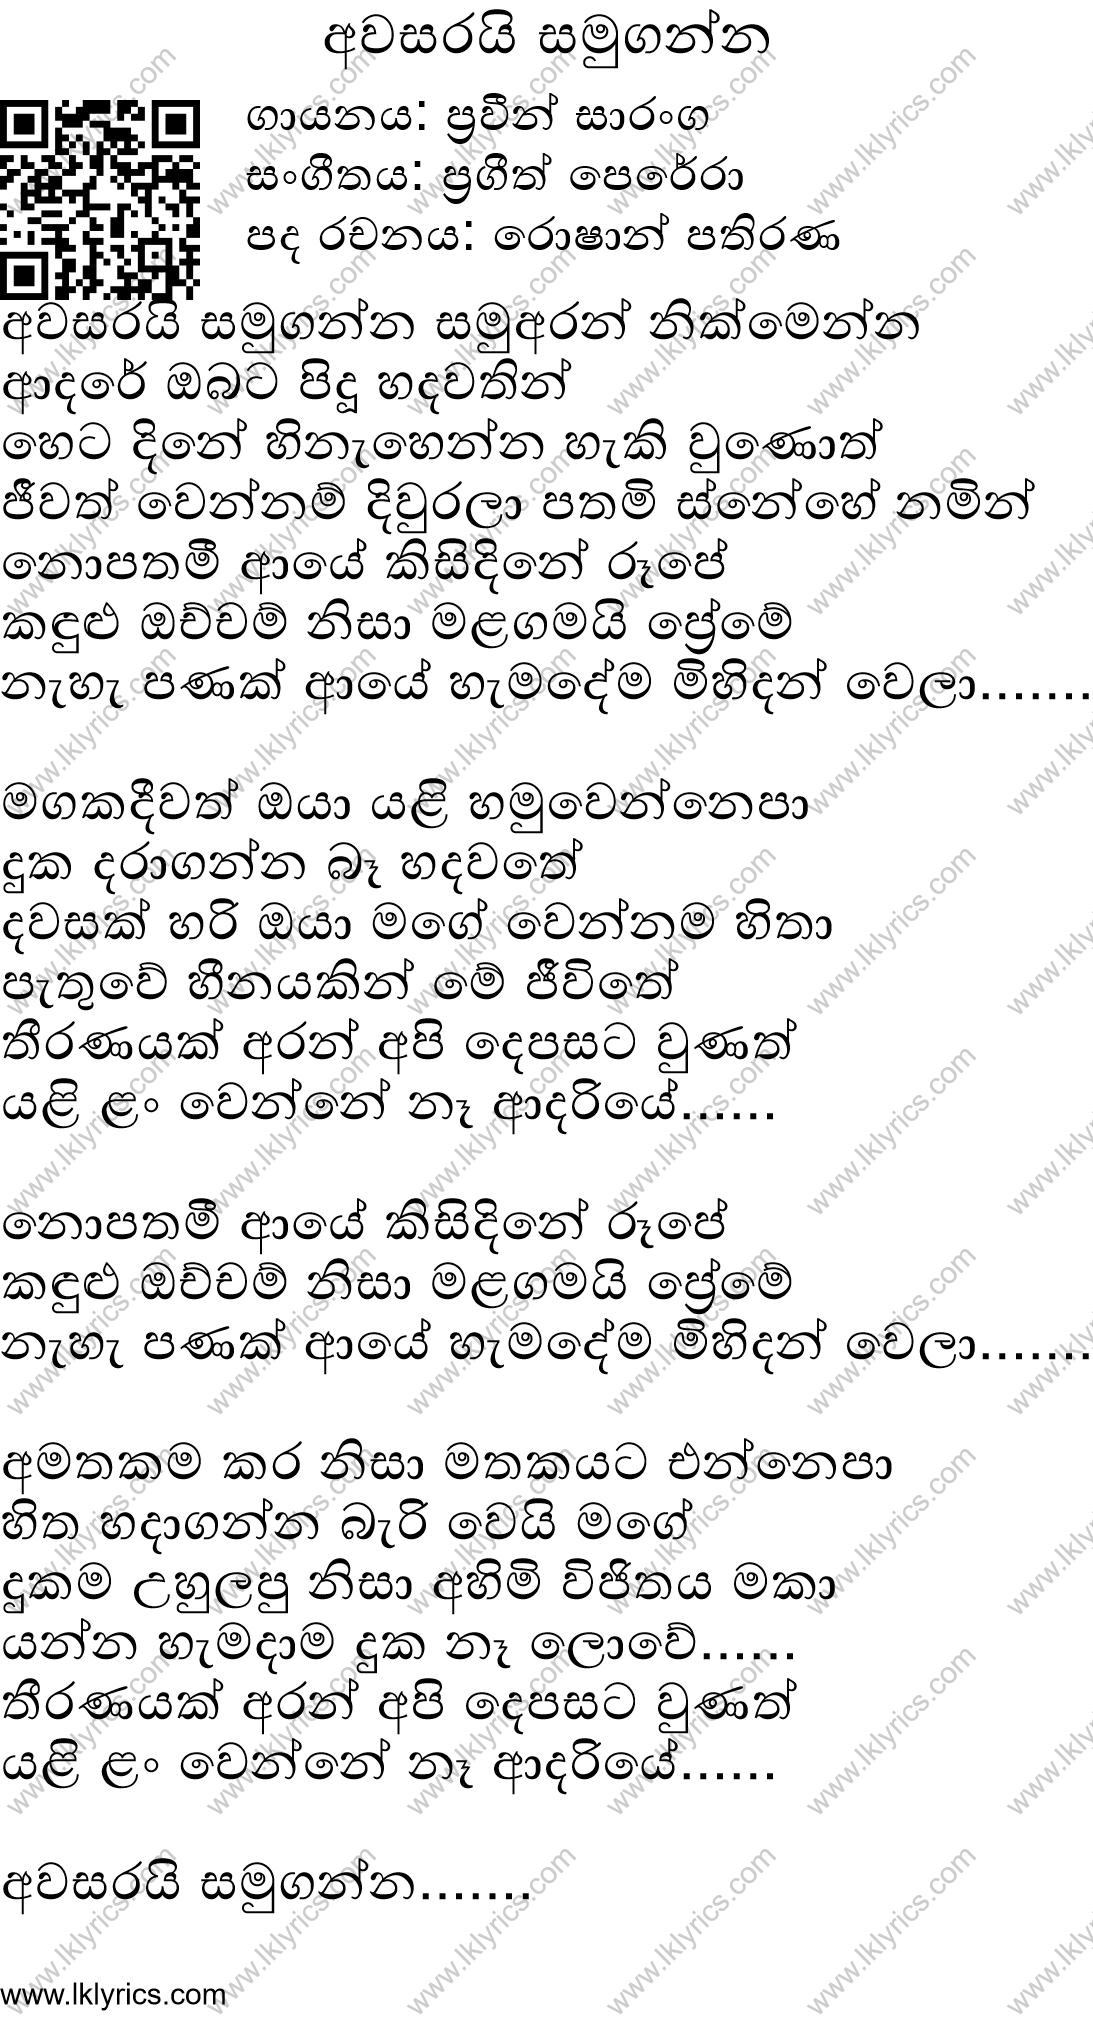 Awasarai Samuganna Lyrics Lk Lyrics